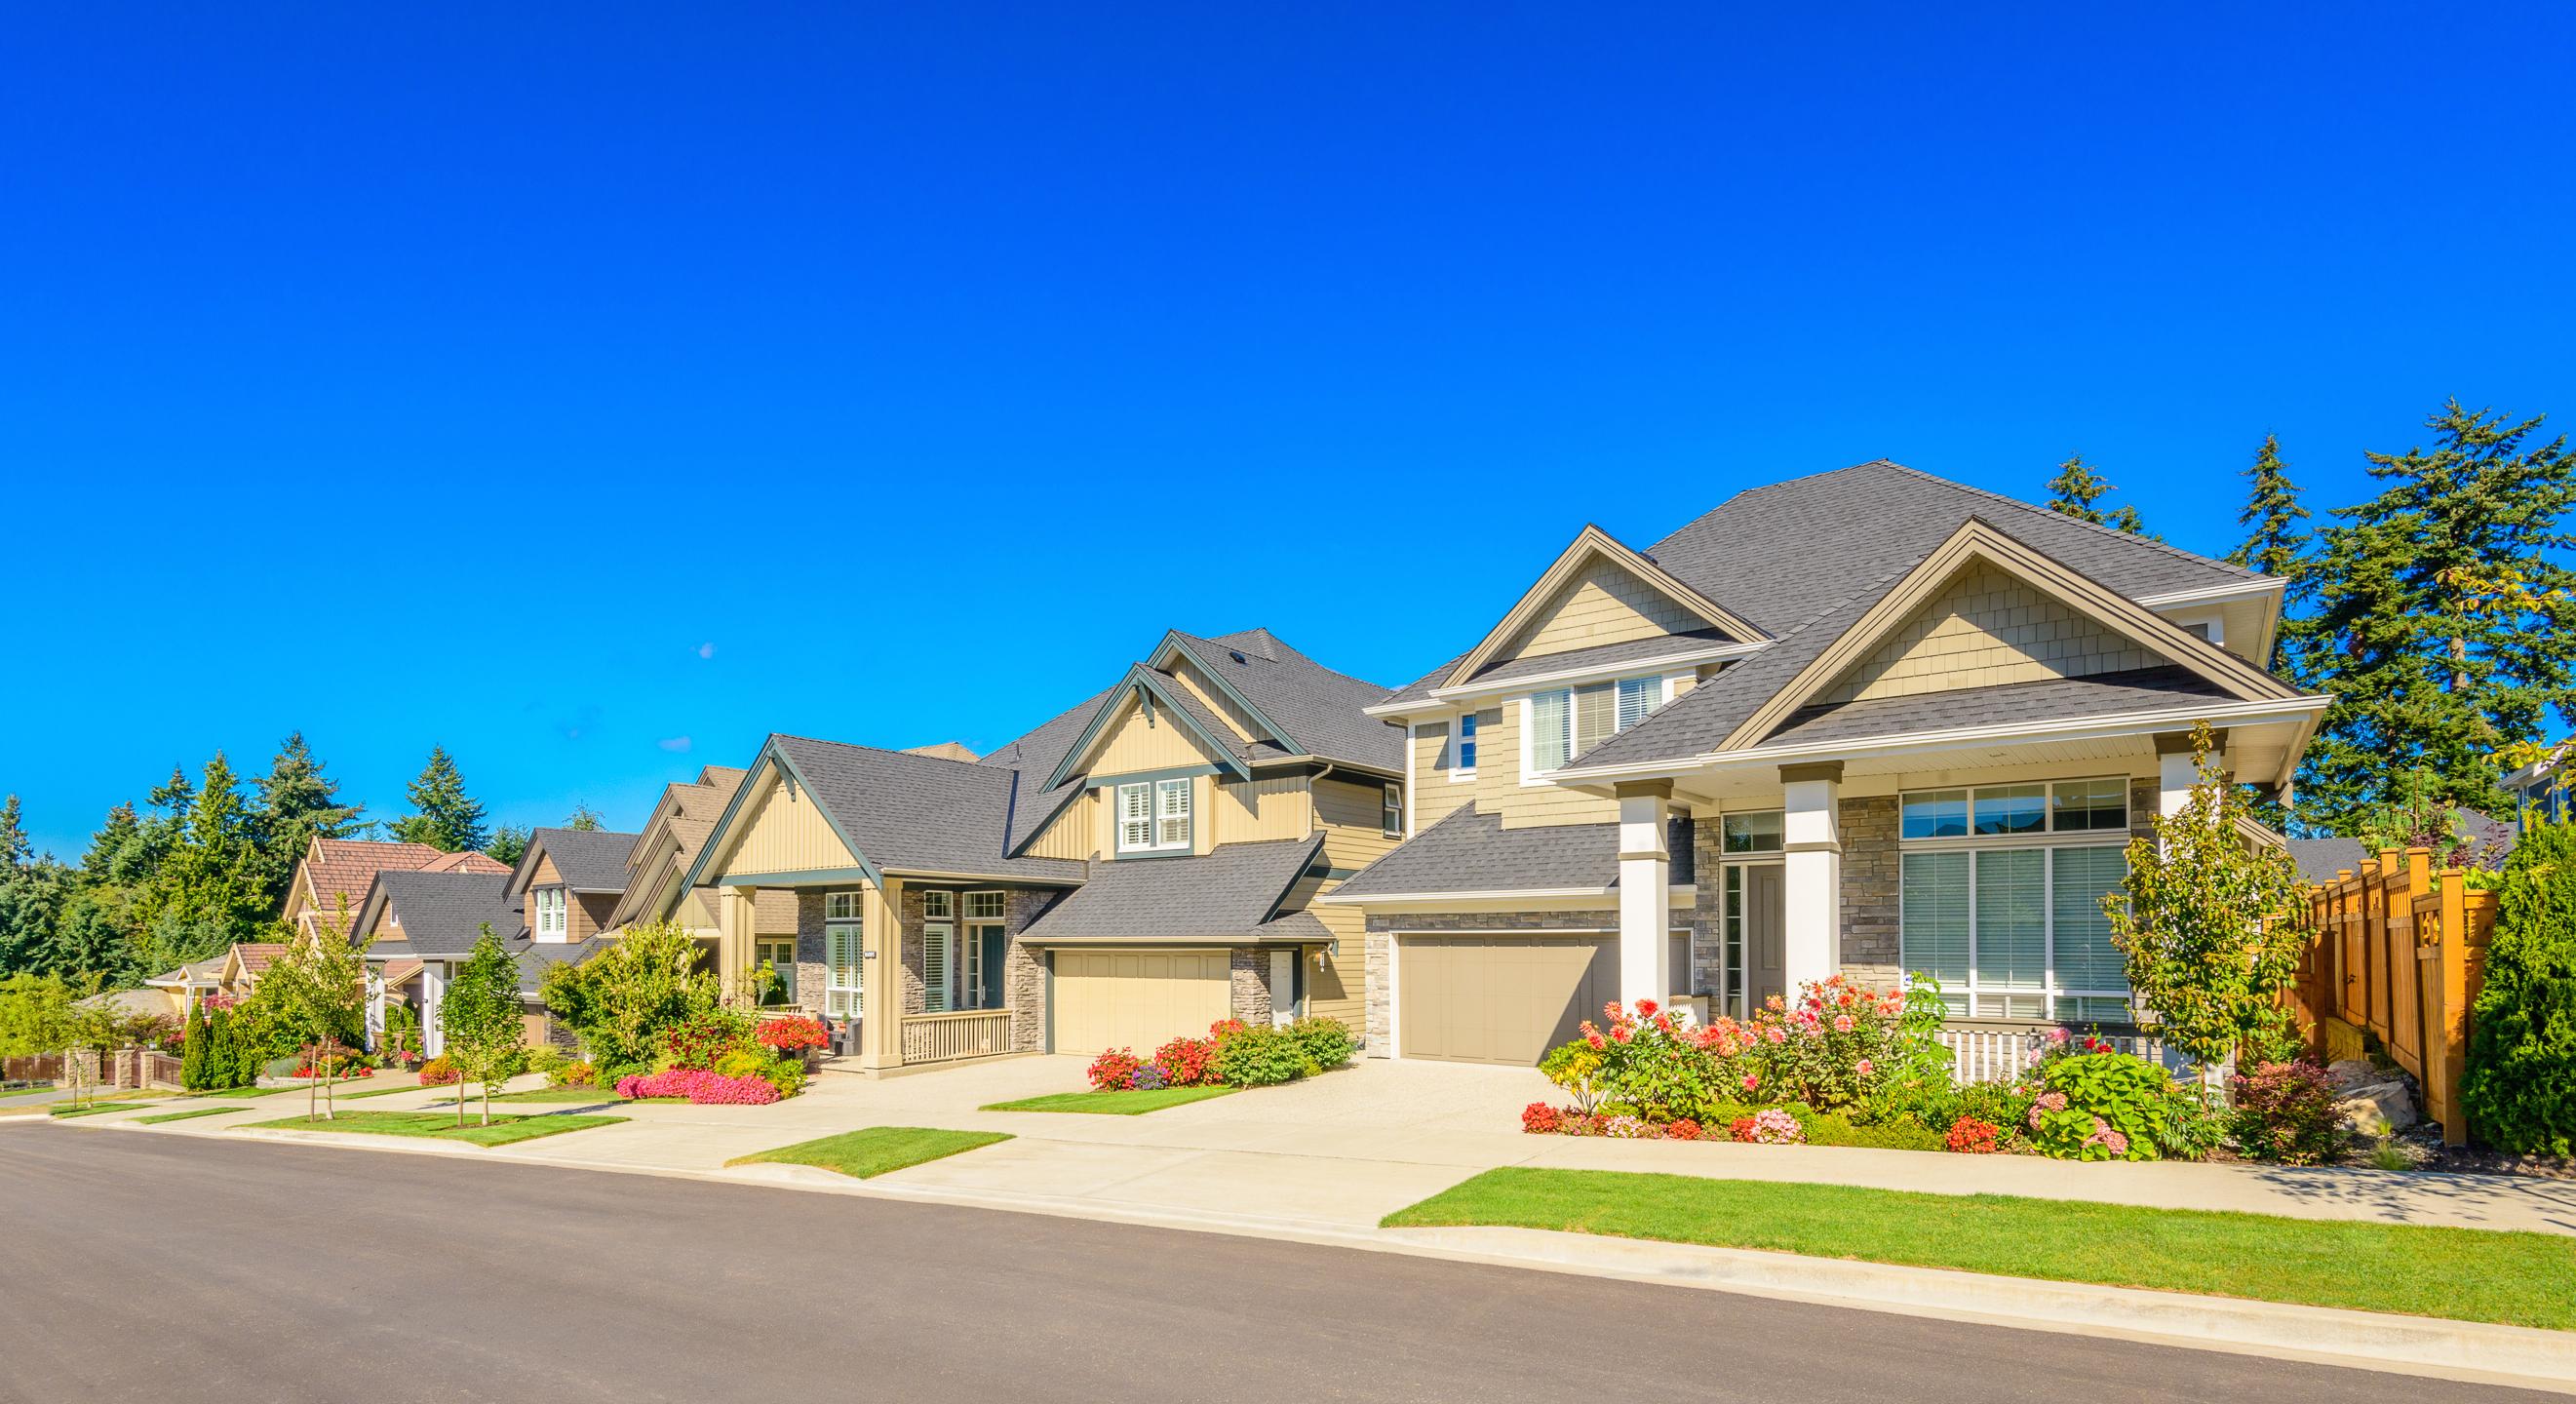 fresno homes for sale hud homes clovis real estate for